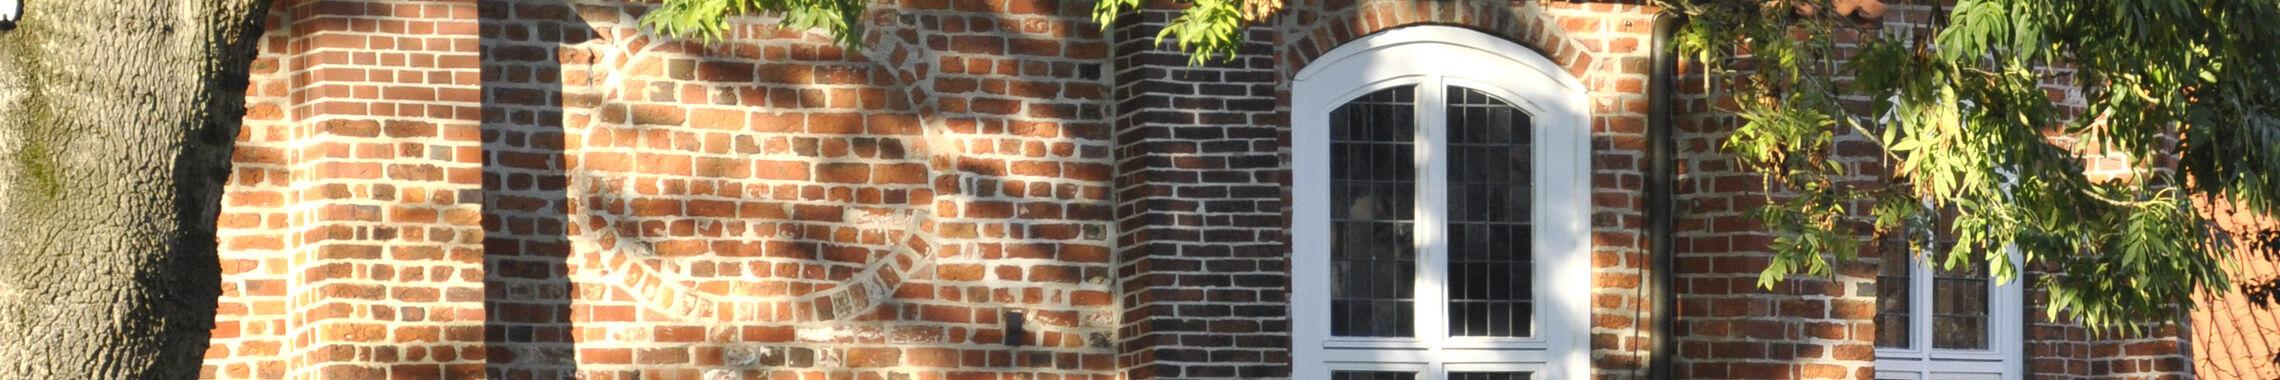 kirchenmauer luedersburg kopfbild